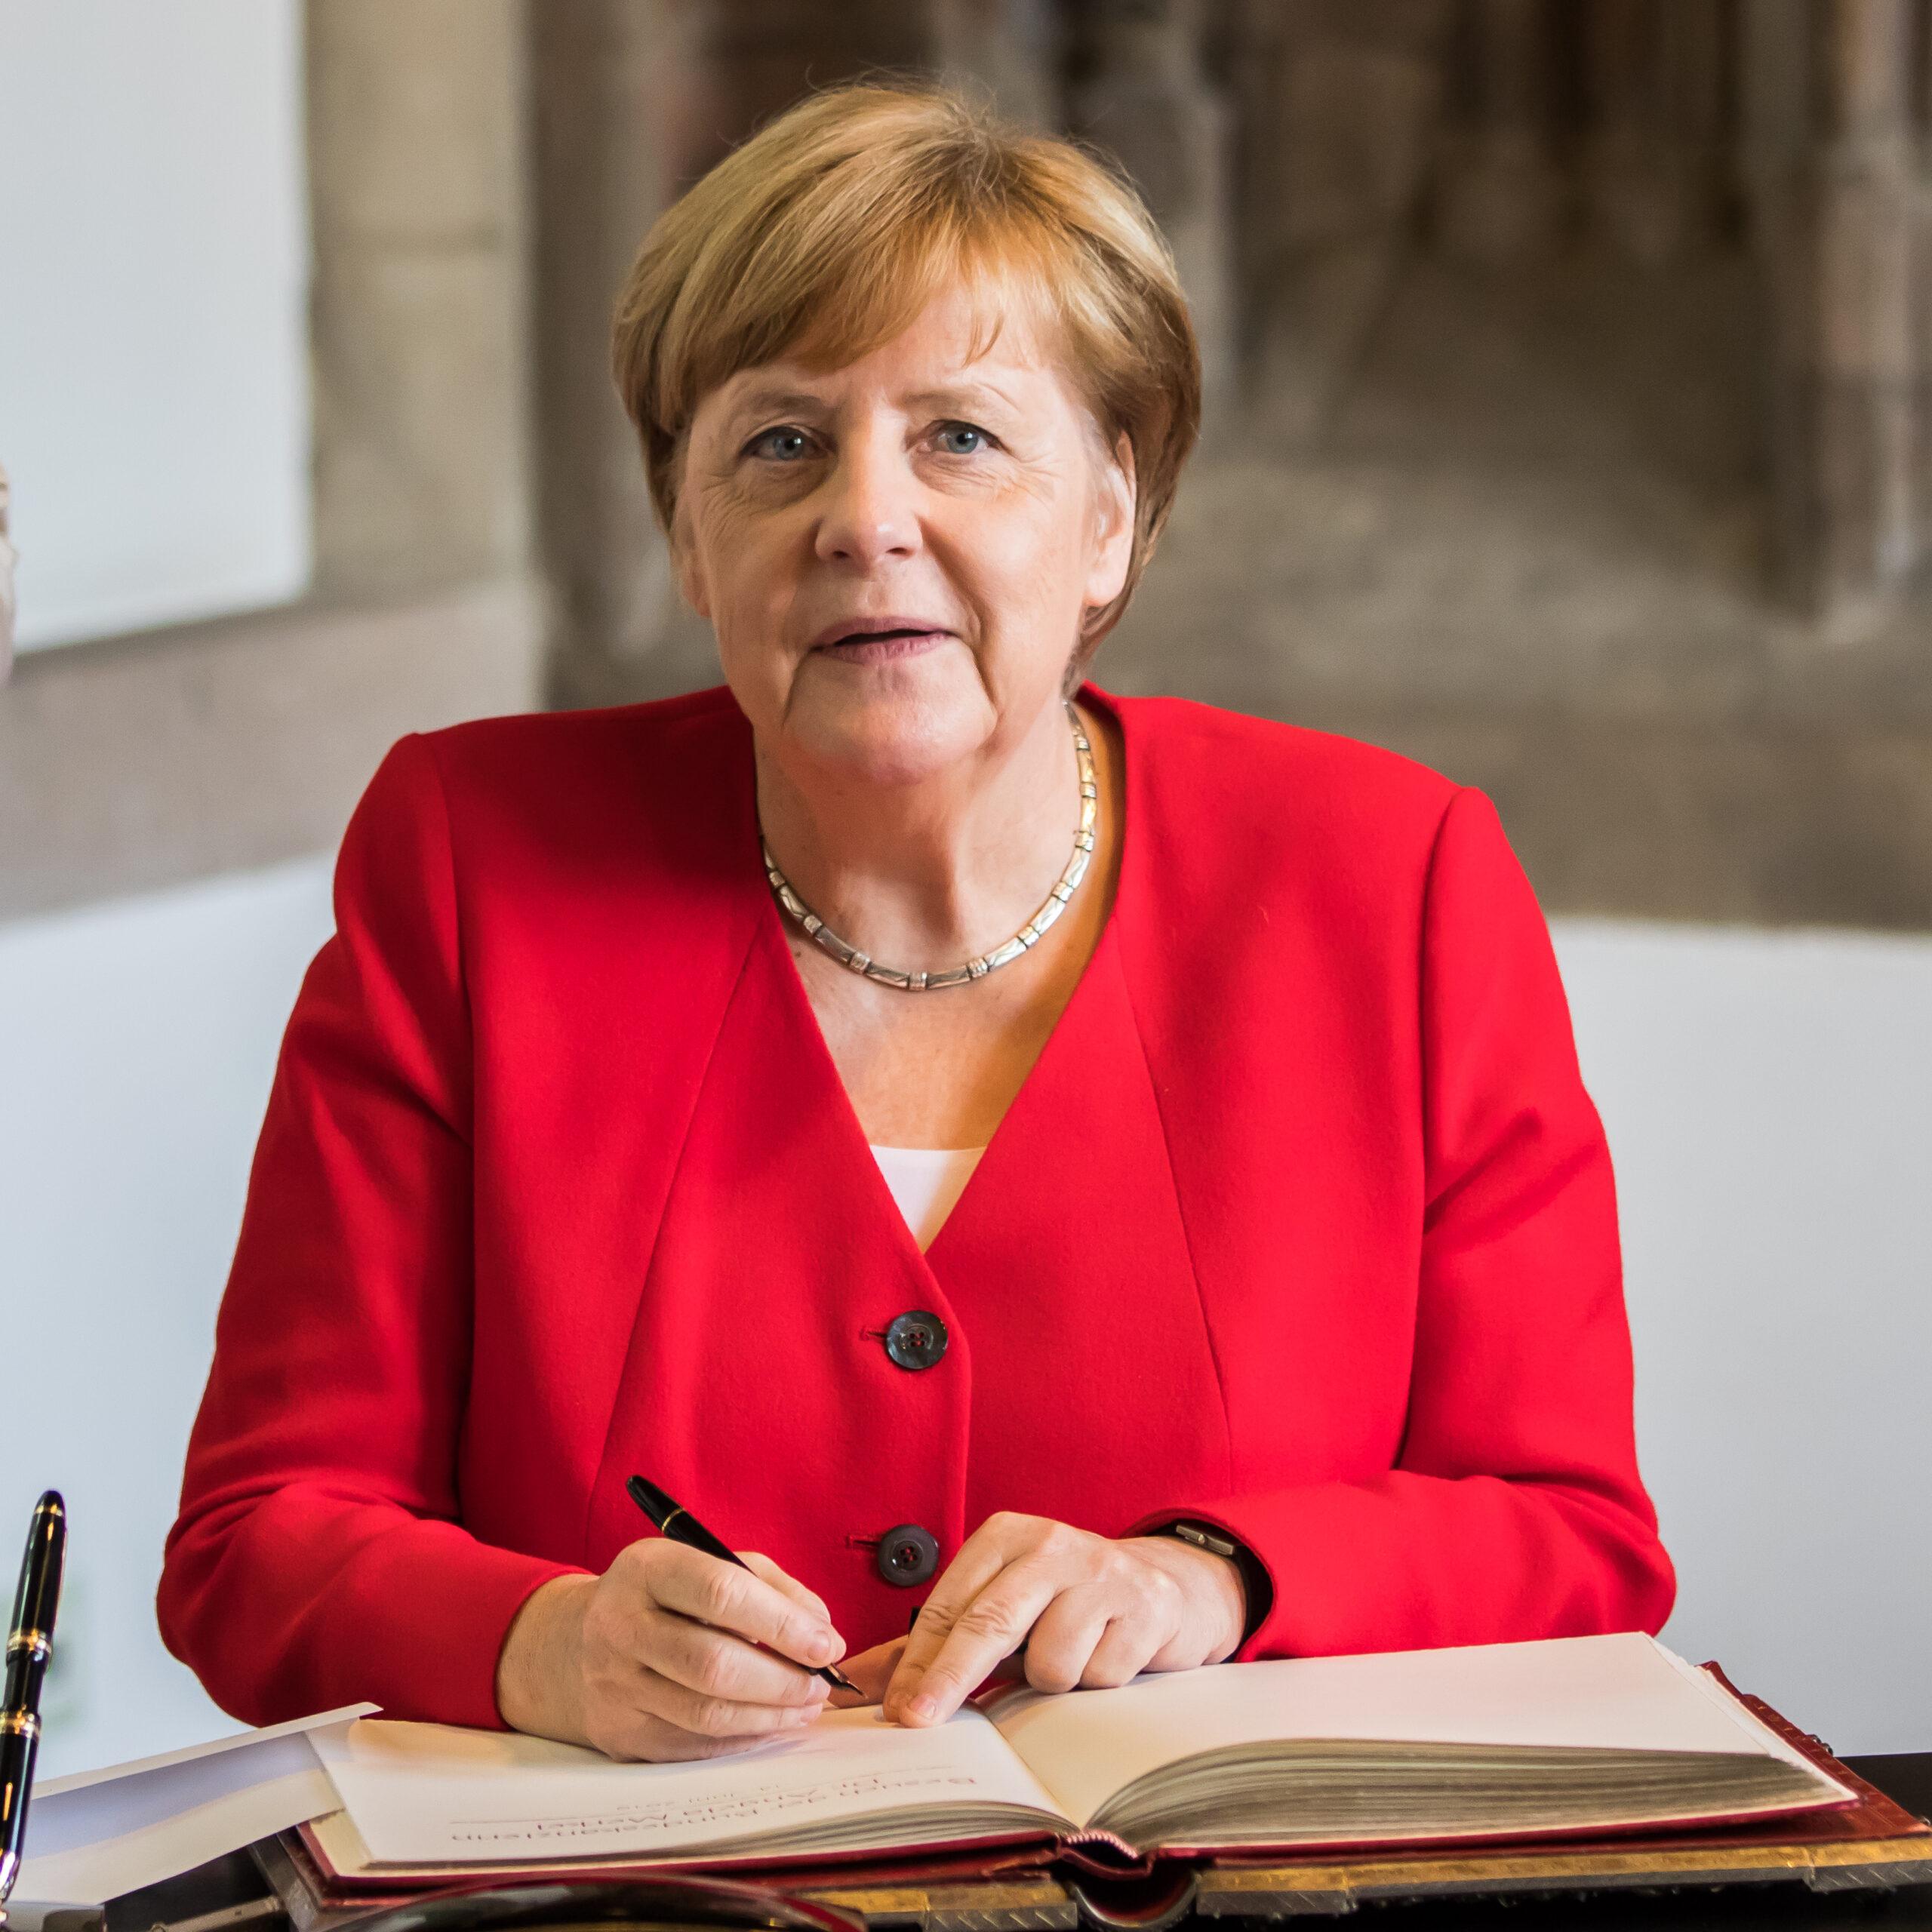 Când va fi ales noul Cancelar al Germaniei! Angela Merkel va fi înlocuită! Epoca Merkel se încheie!